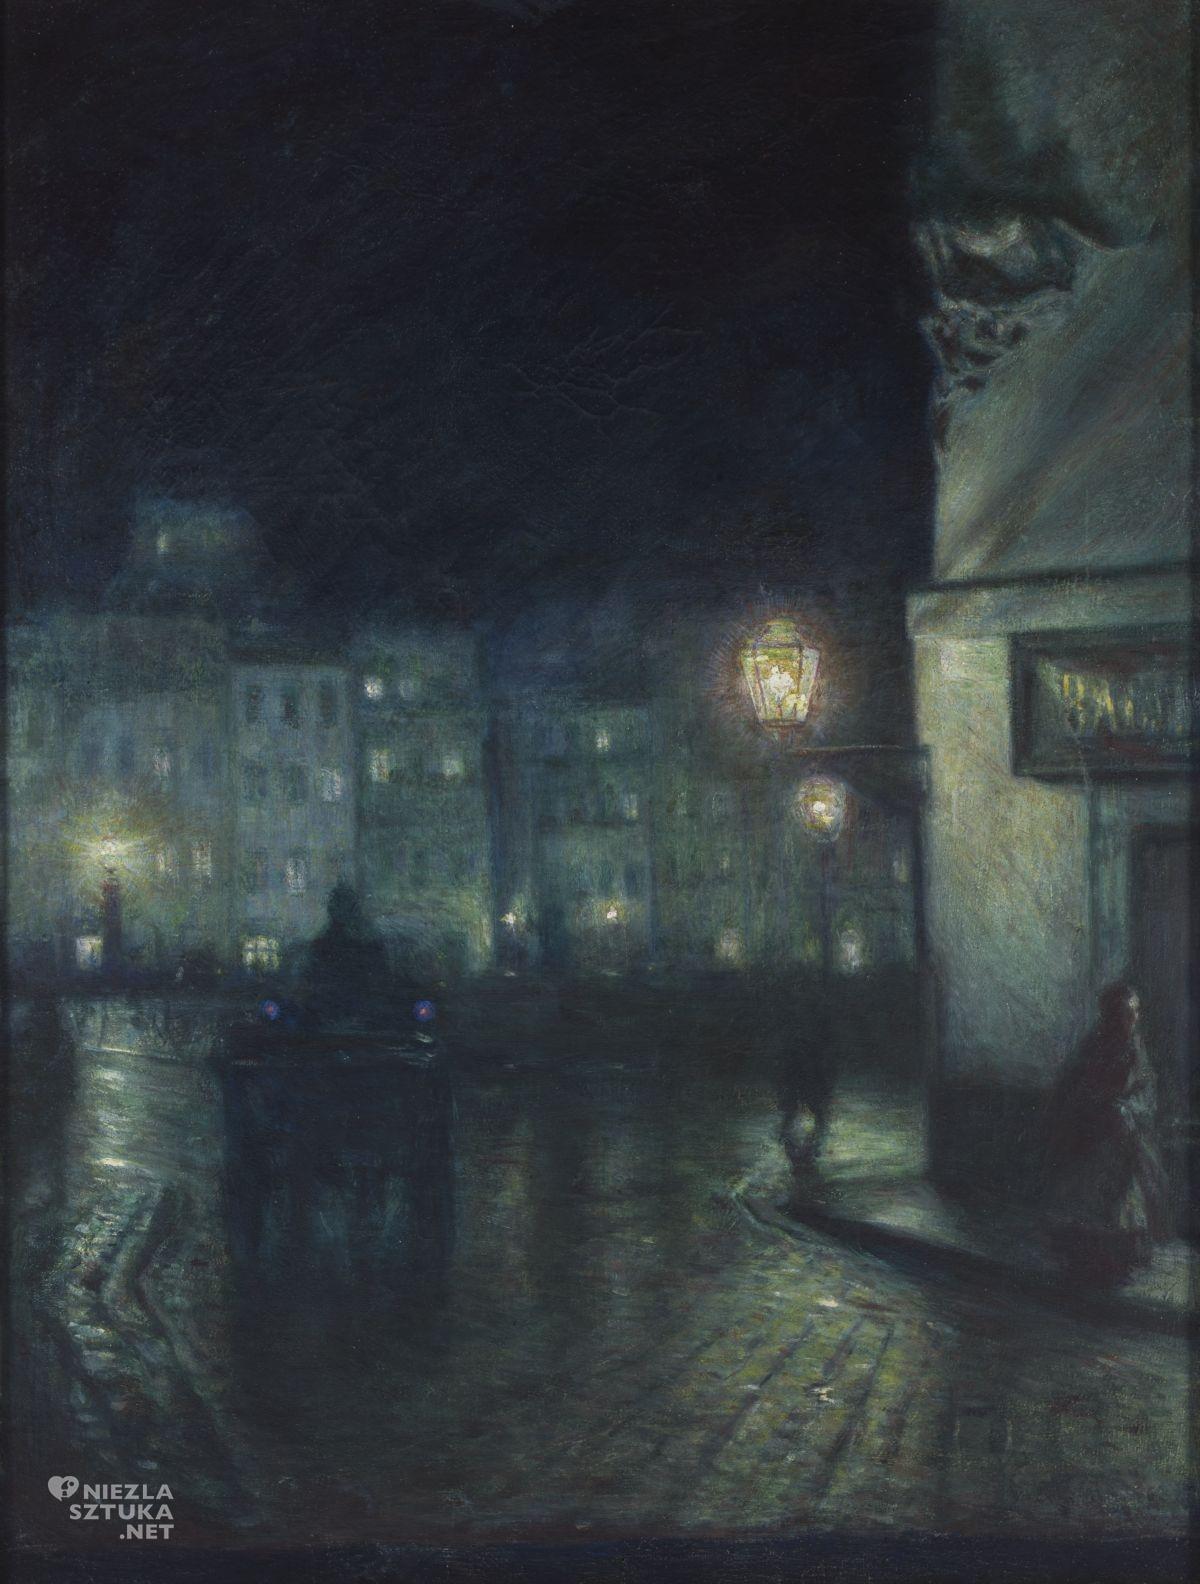 Józef Pankiewicz, Rynek Starego Miasta w Warszawie nocą, weduta, sztuka polska, malarstwo polskie, Niezła sztuka